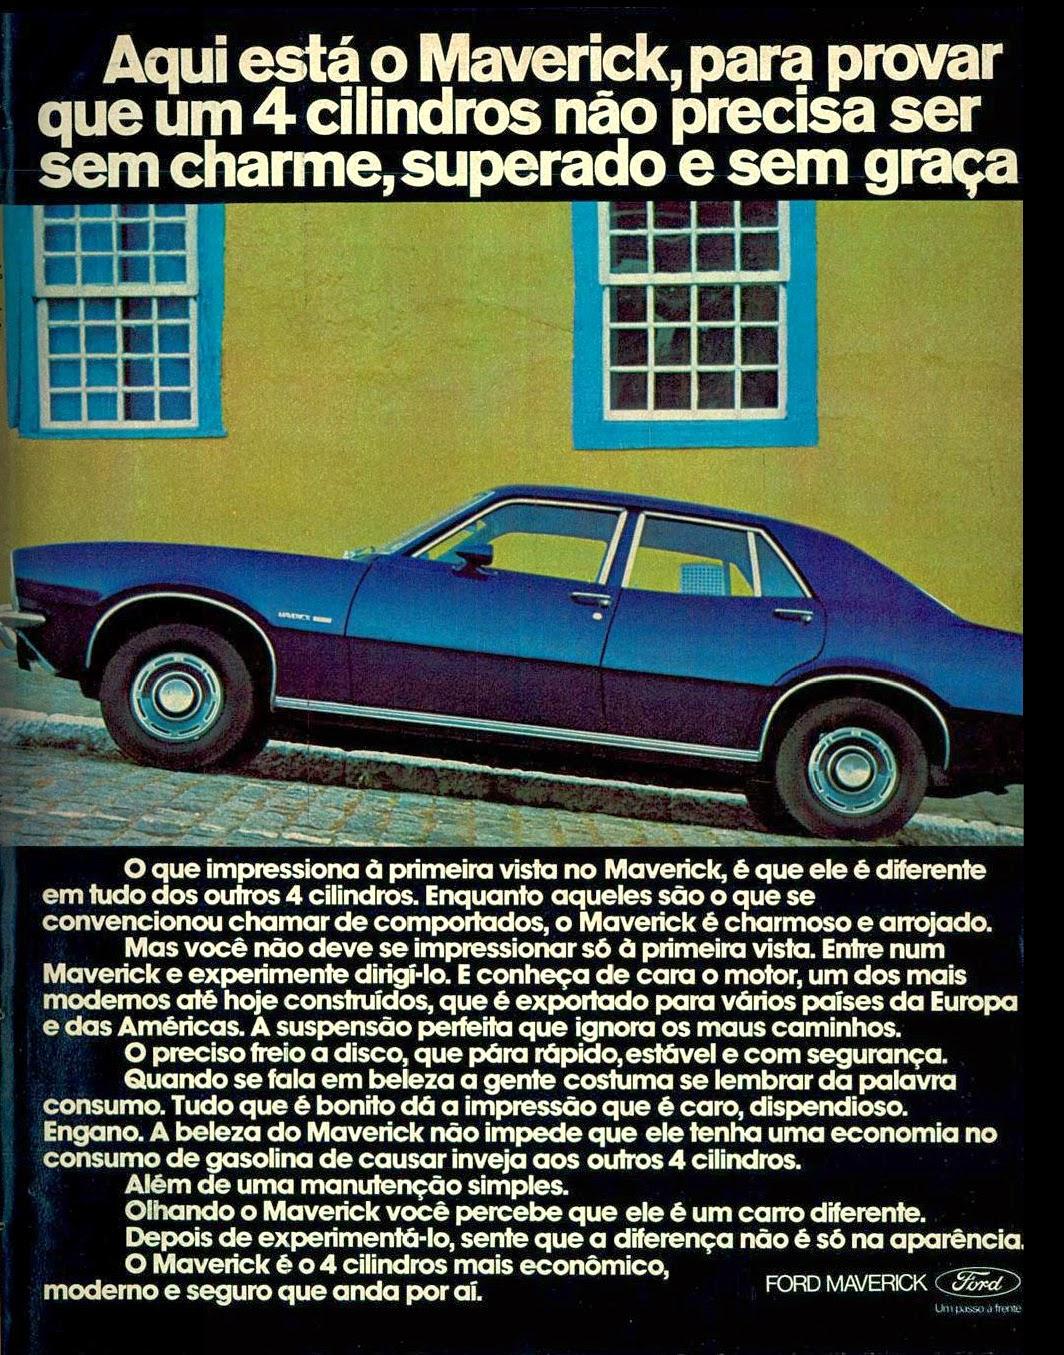 1975. brazilian advertising cars in the 70. os anos 70. história da década de 70; Brazil in the 70s; propaganda carros anos 70; Oswaldo Hernandez;